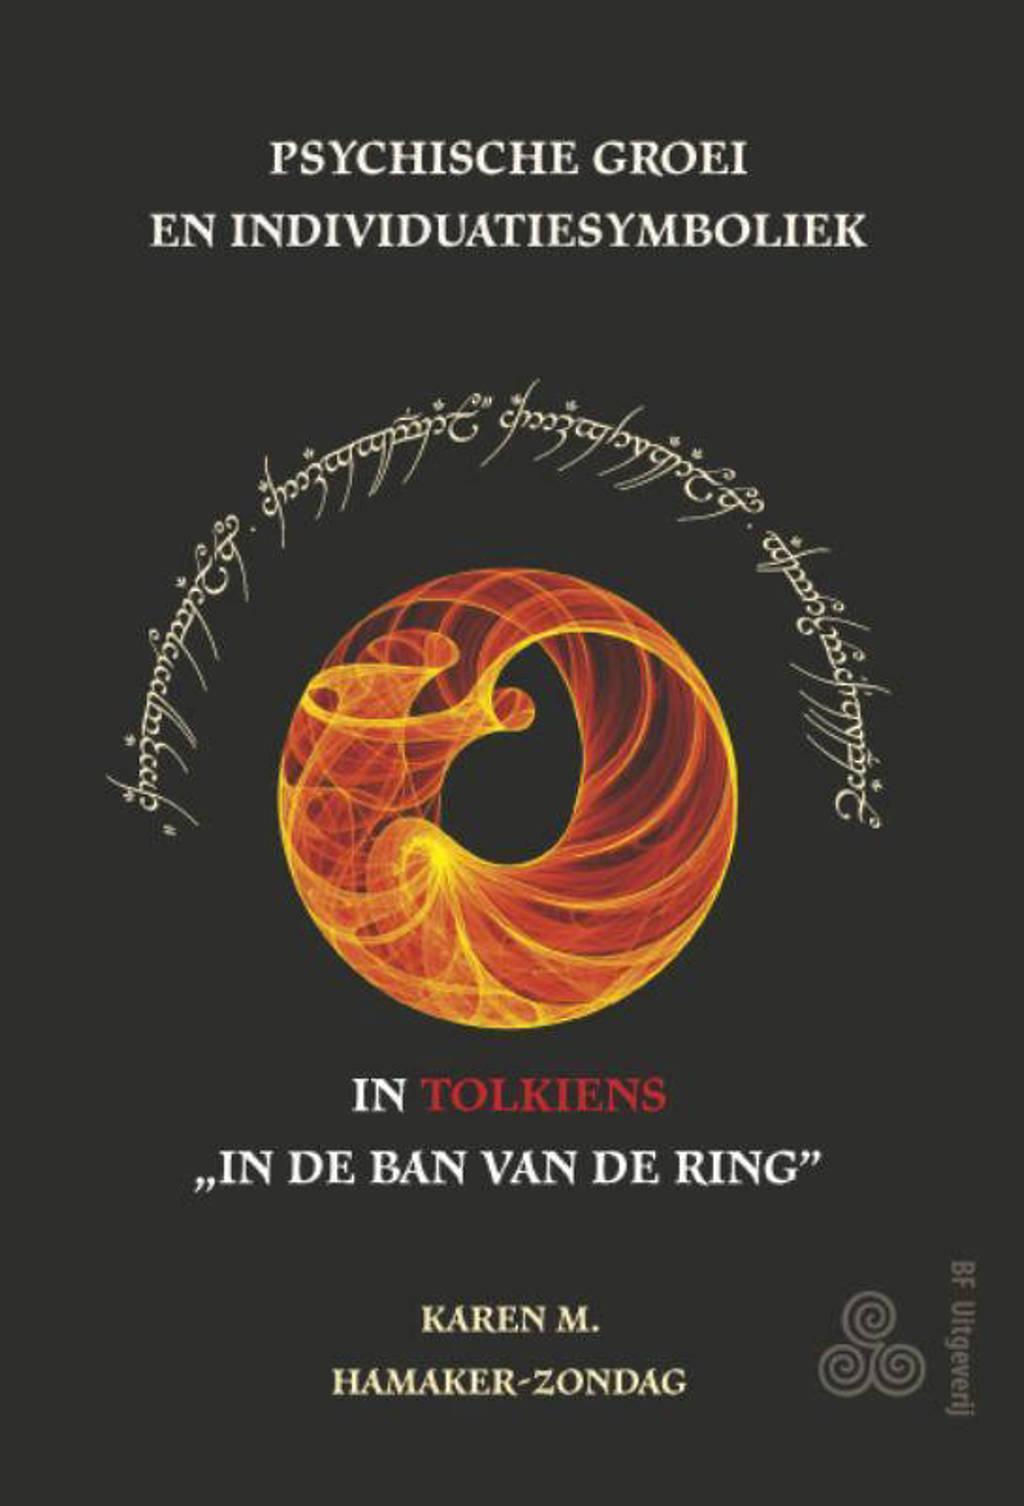 Psychische groei en individuatiesymboliek in Tolkiens 'In de Ban van de Ring - K.M. Hamaker-Zondag